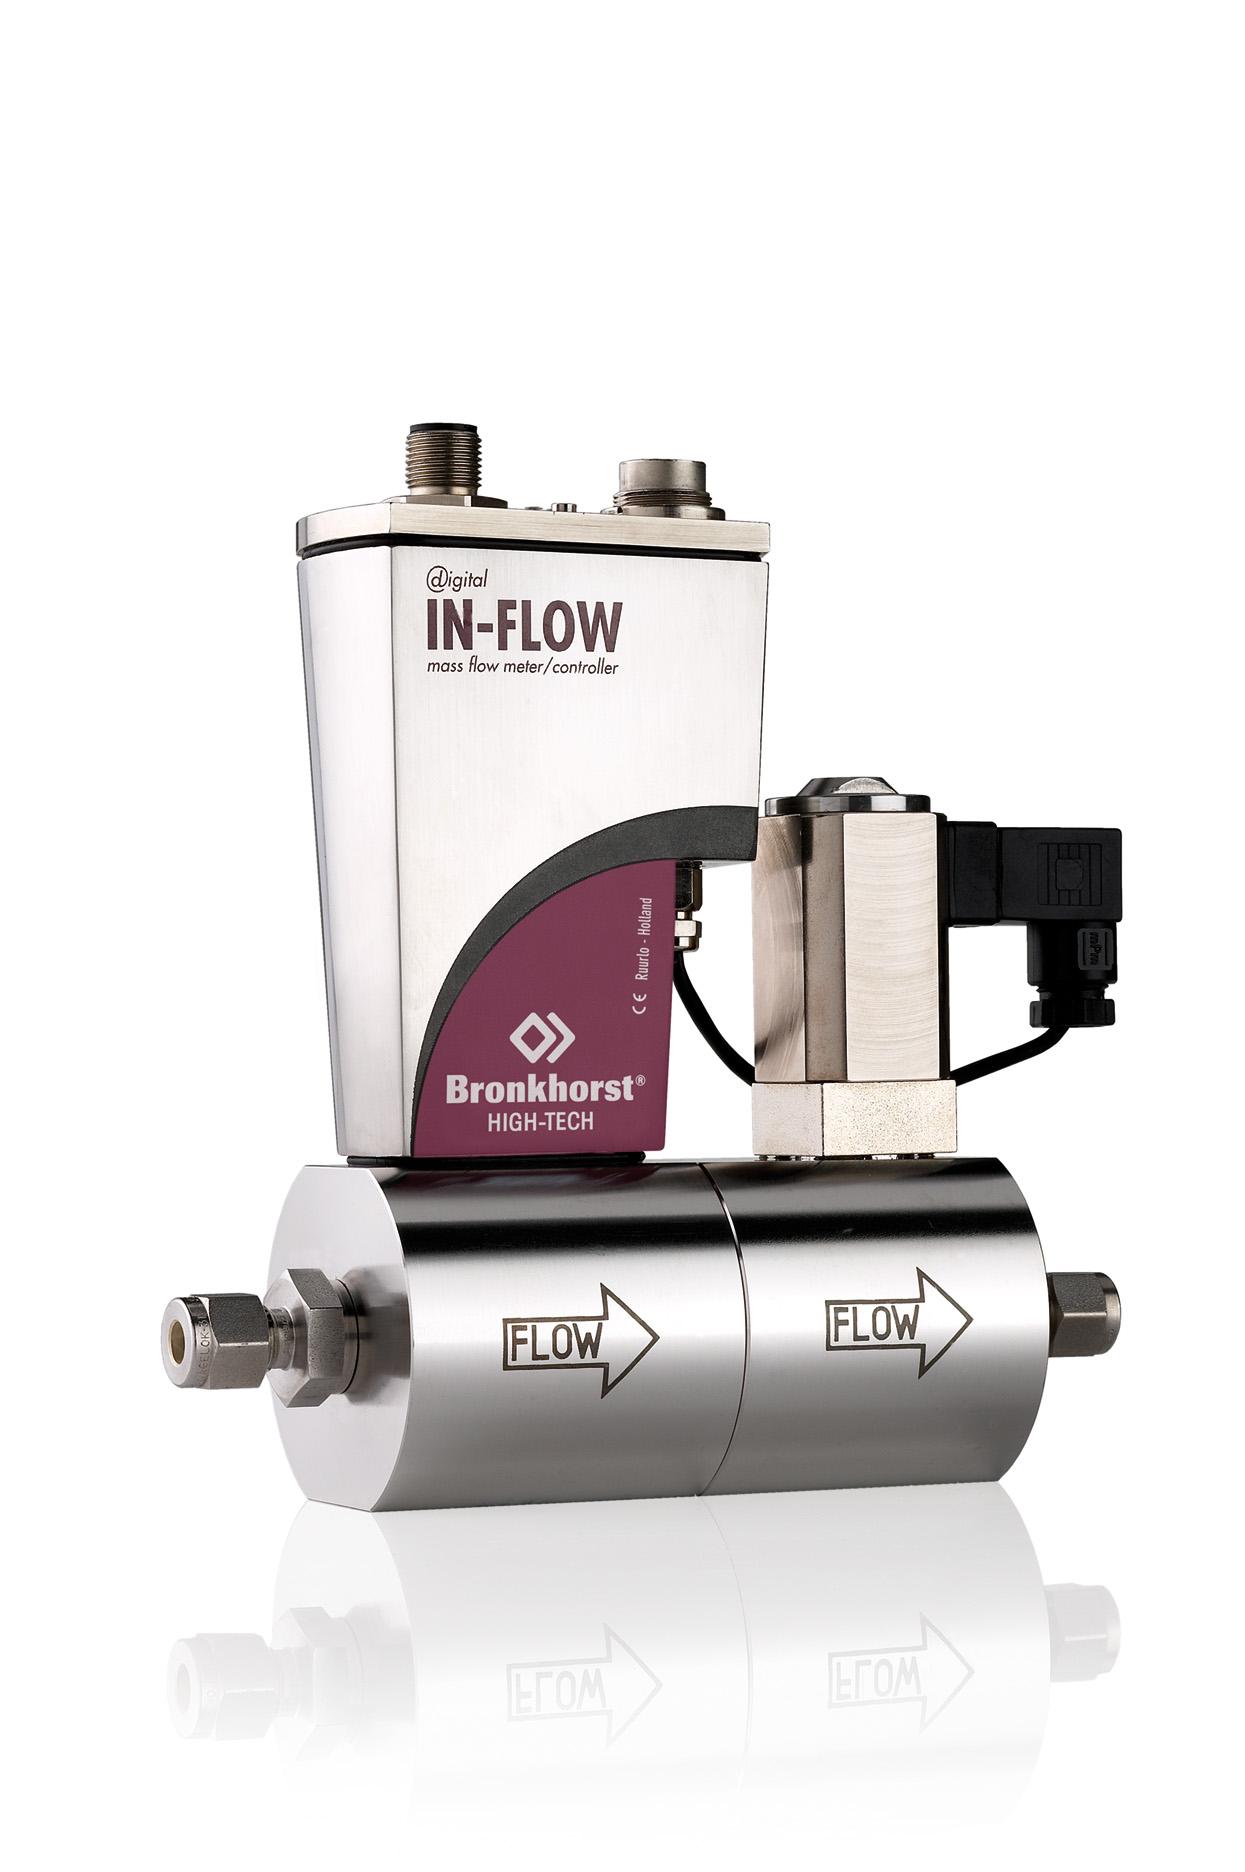 Bronkhorst IN-FLOW s regulačným ventilom